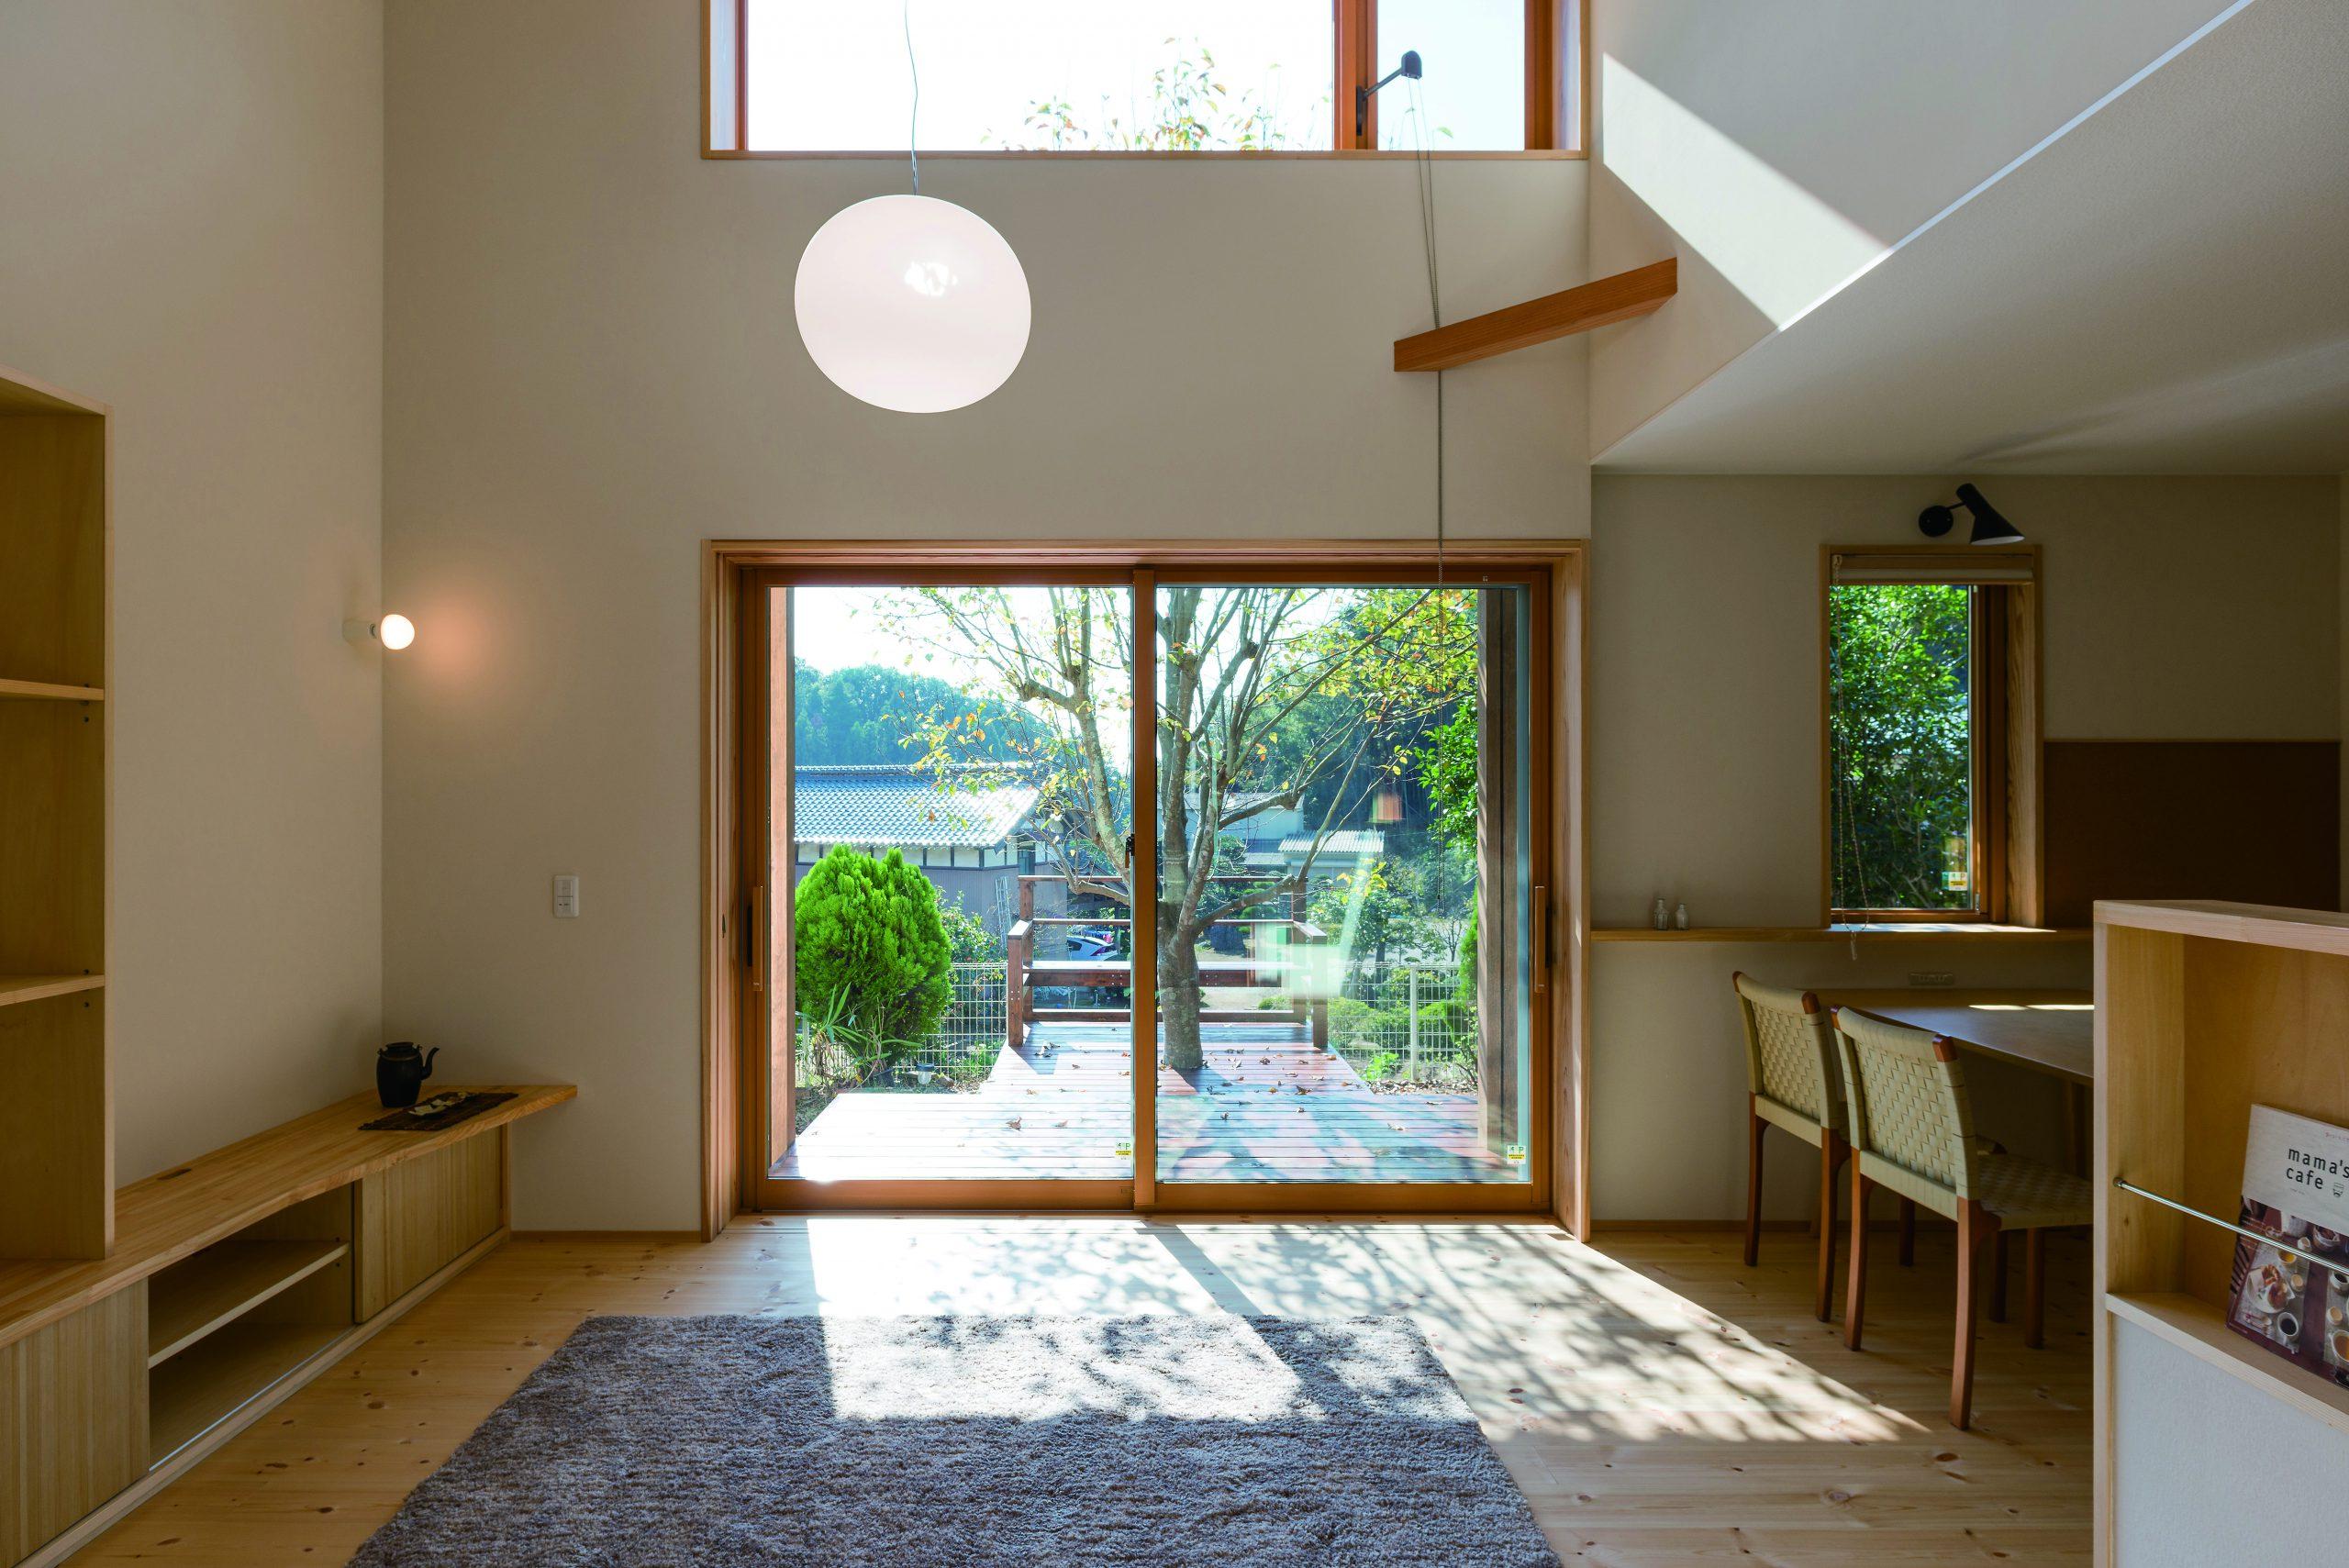 光を取り込みやすく外のウッドデッキもセカンドリビングのように使える中庭のある家のリビング:窓の位置やサイズの工夫も重要